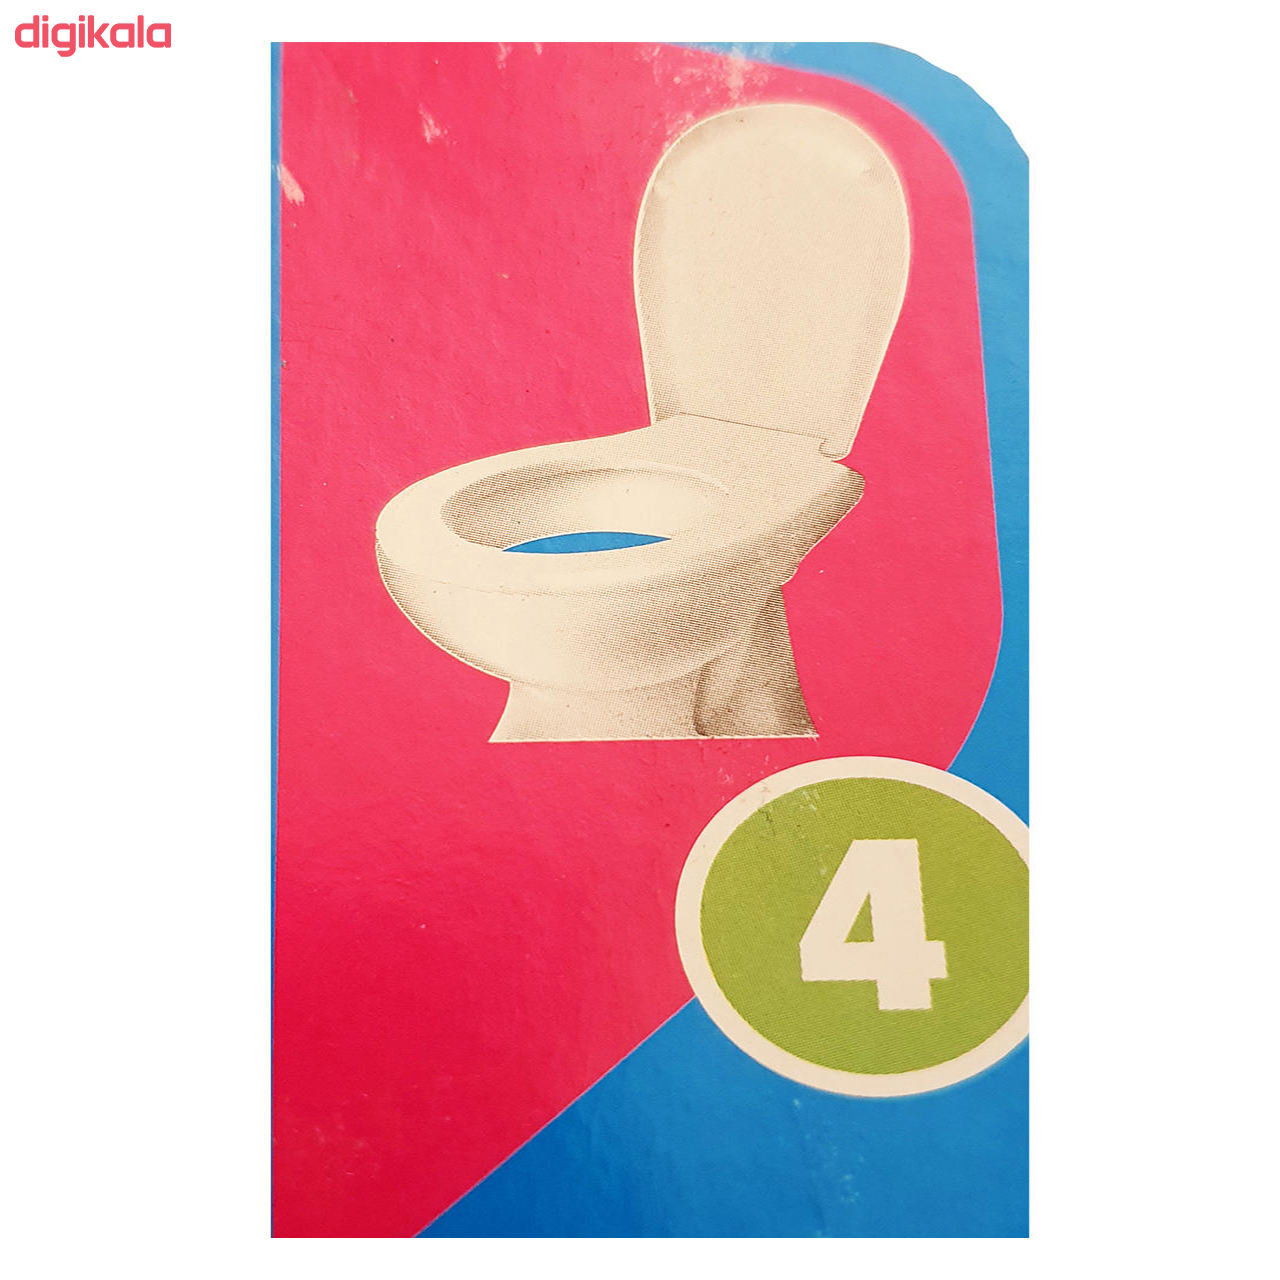 قرص خوشبو کننده توالت فرنگی بلو استار مدل MT-01 بسته 6 عددی main 1 3